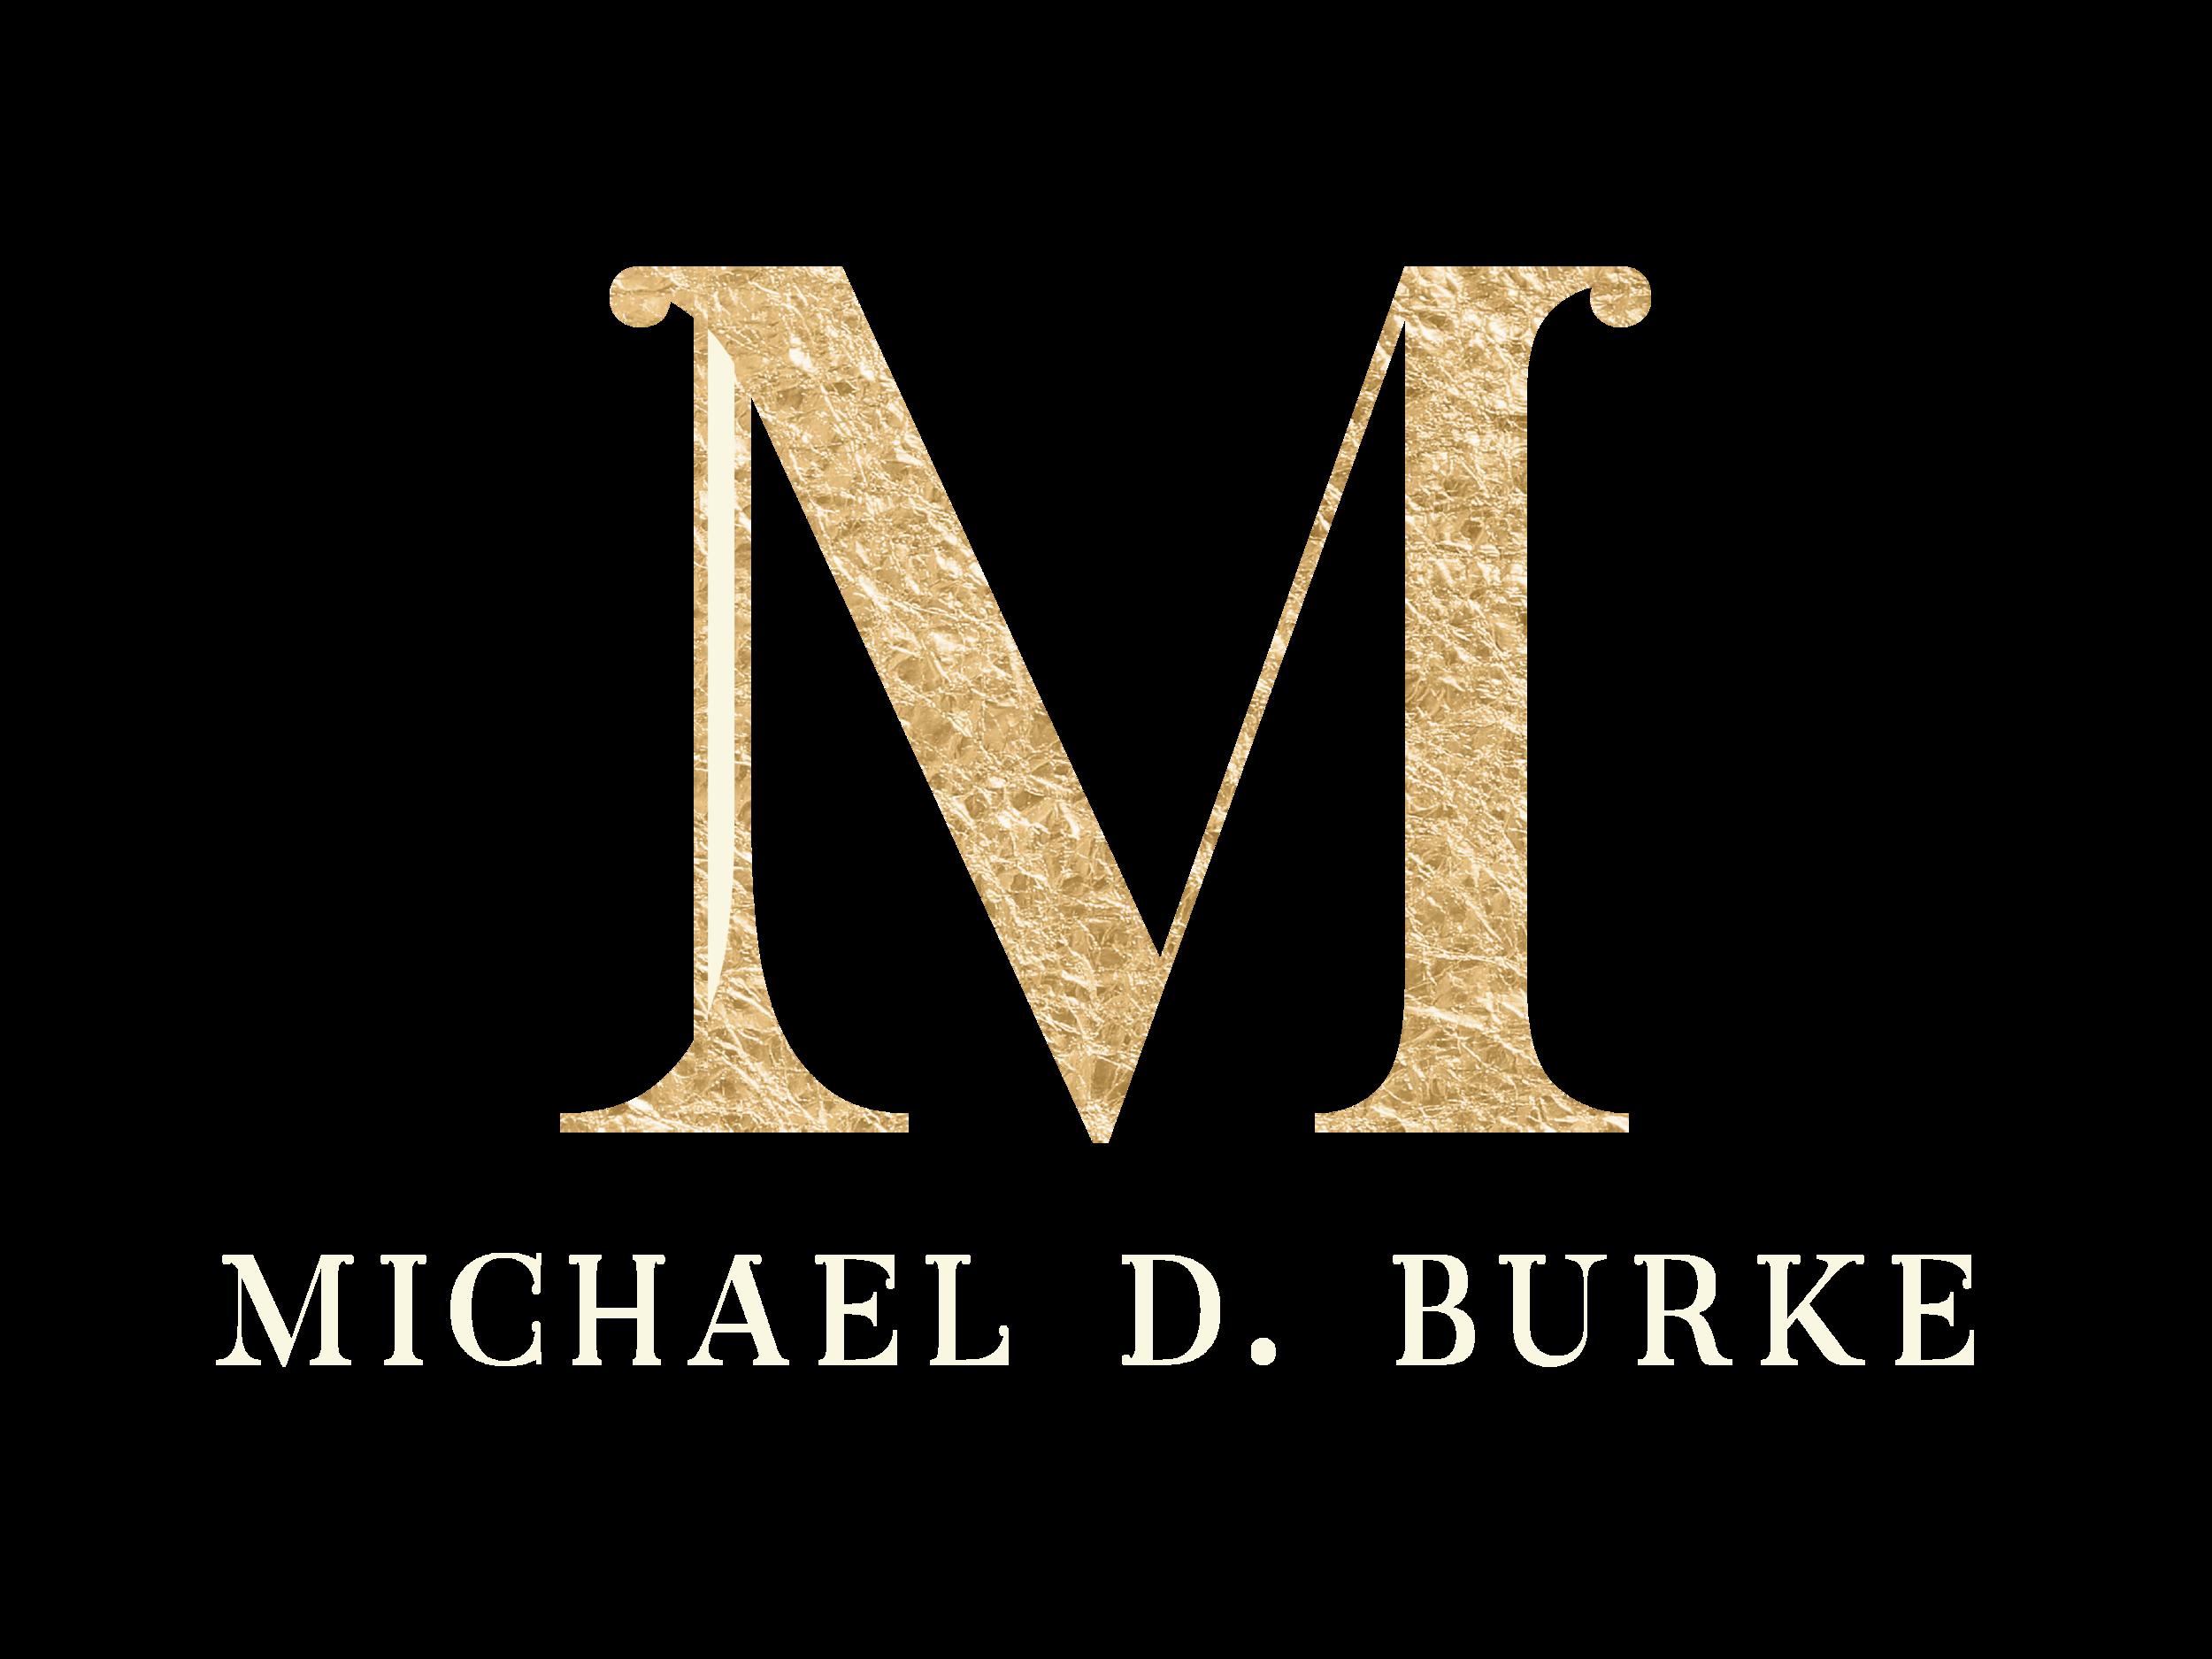 Michael-Burke-Main-2.png